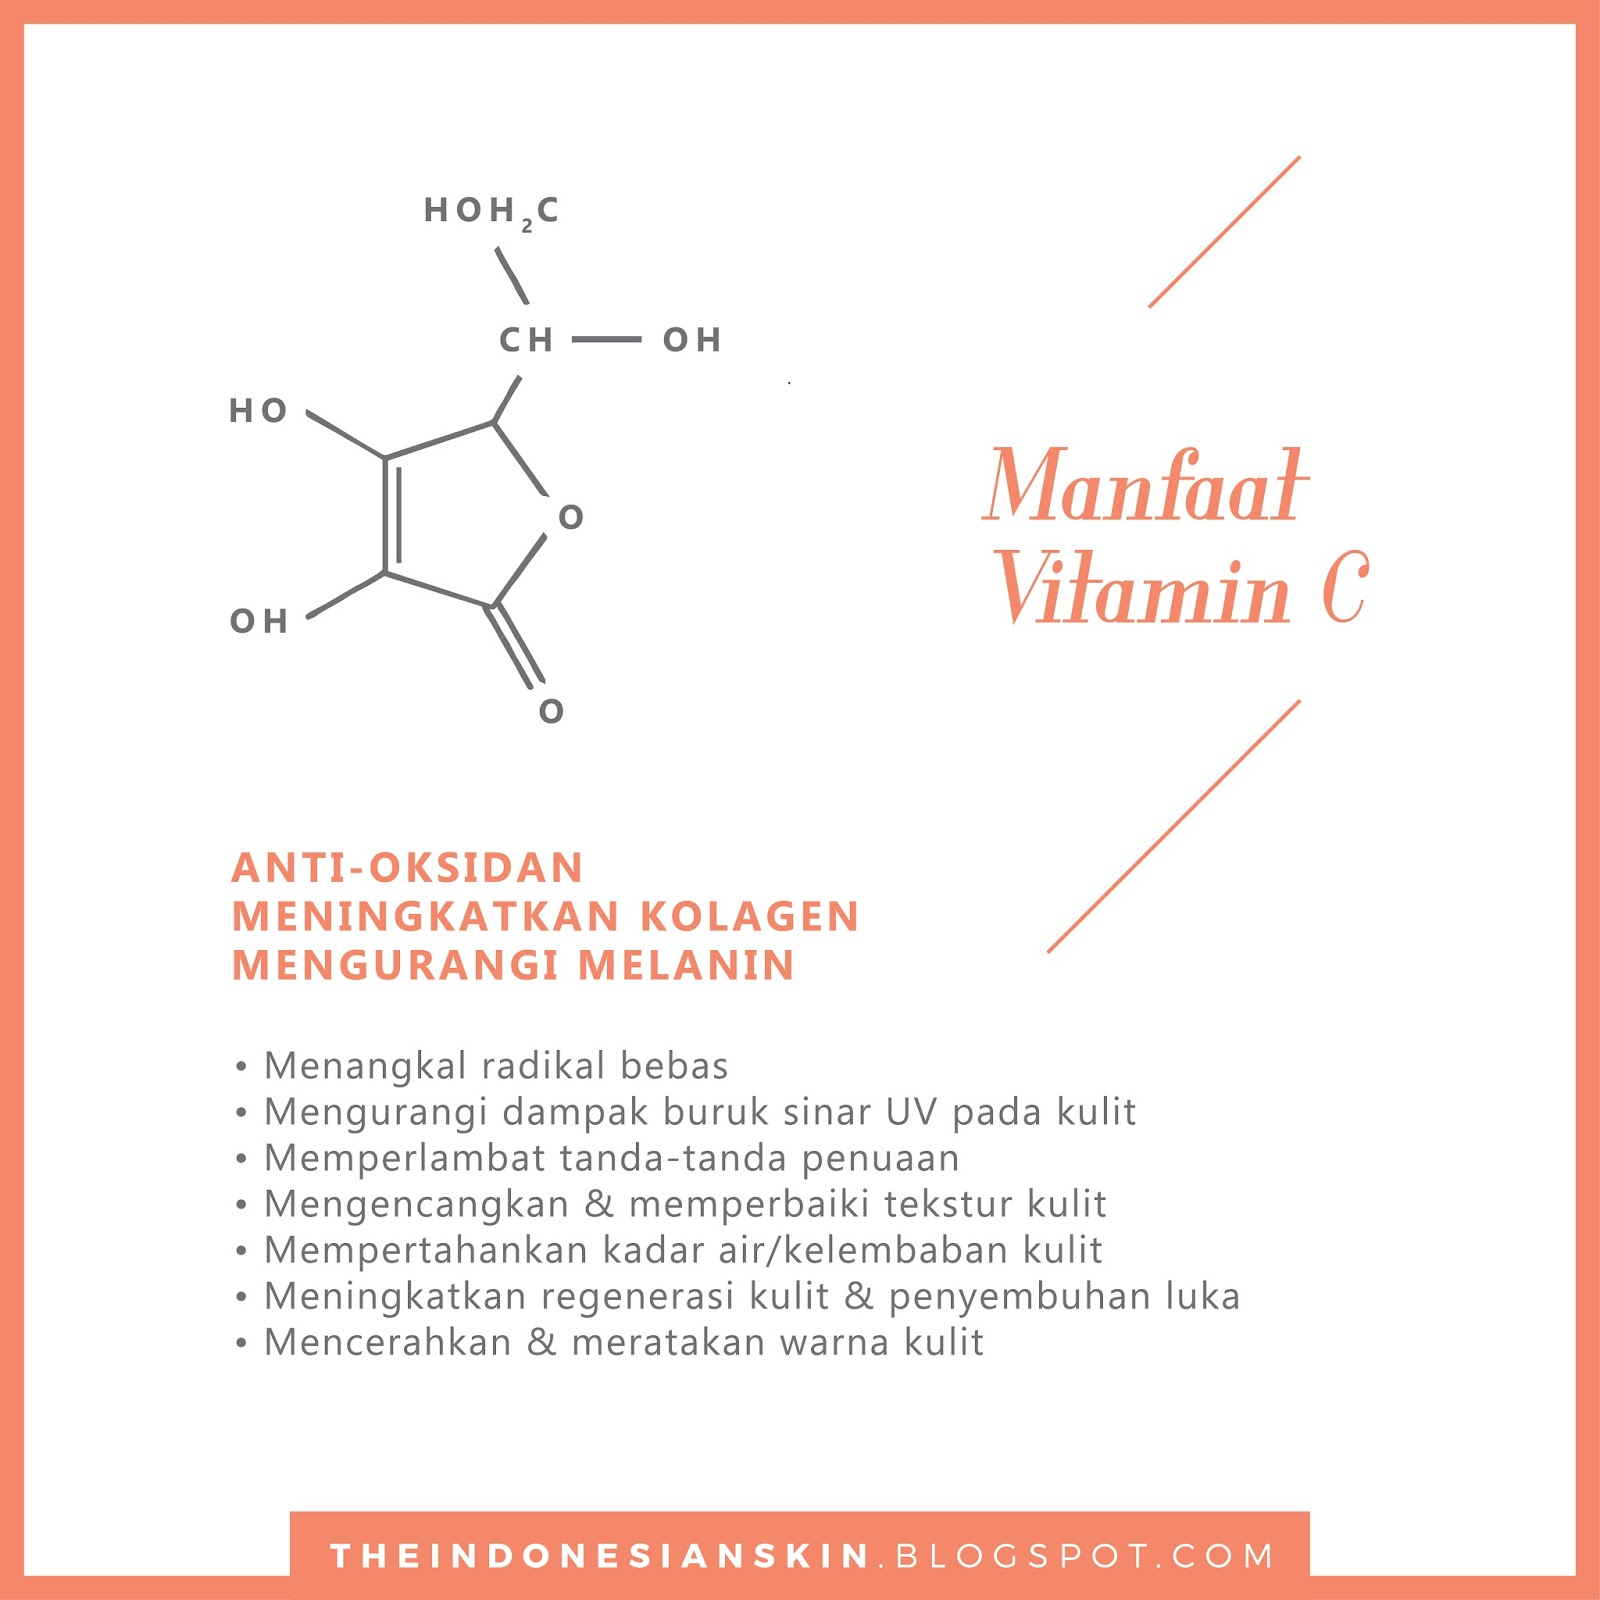 Tips manfaat vitamin c untuk perawatan kulit the indonesian skin tips manfaat vitamin c untuk perawatan kulit ccuart Image collections